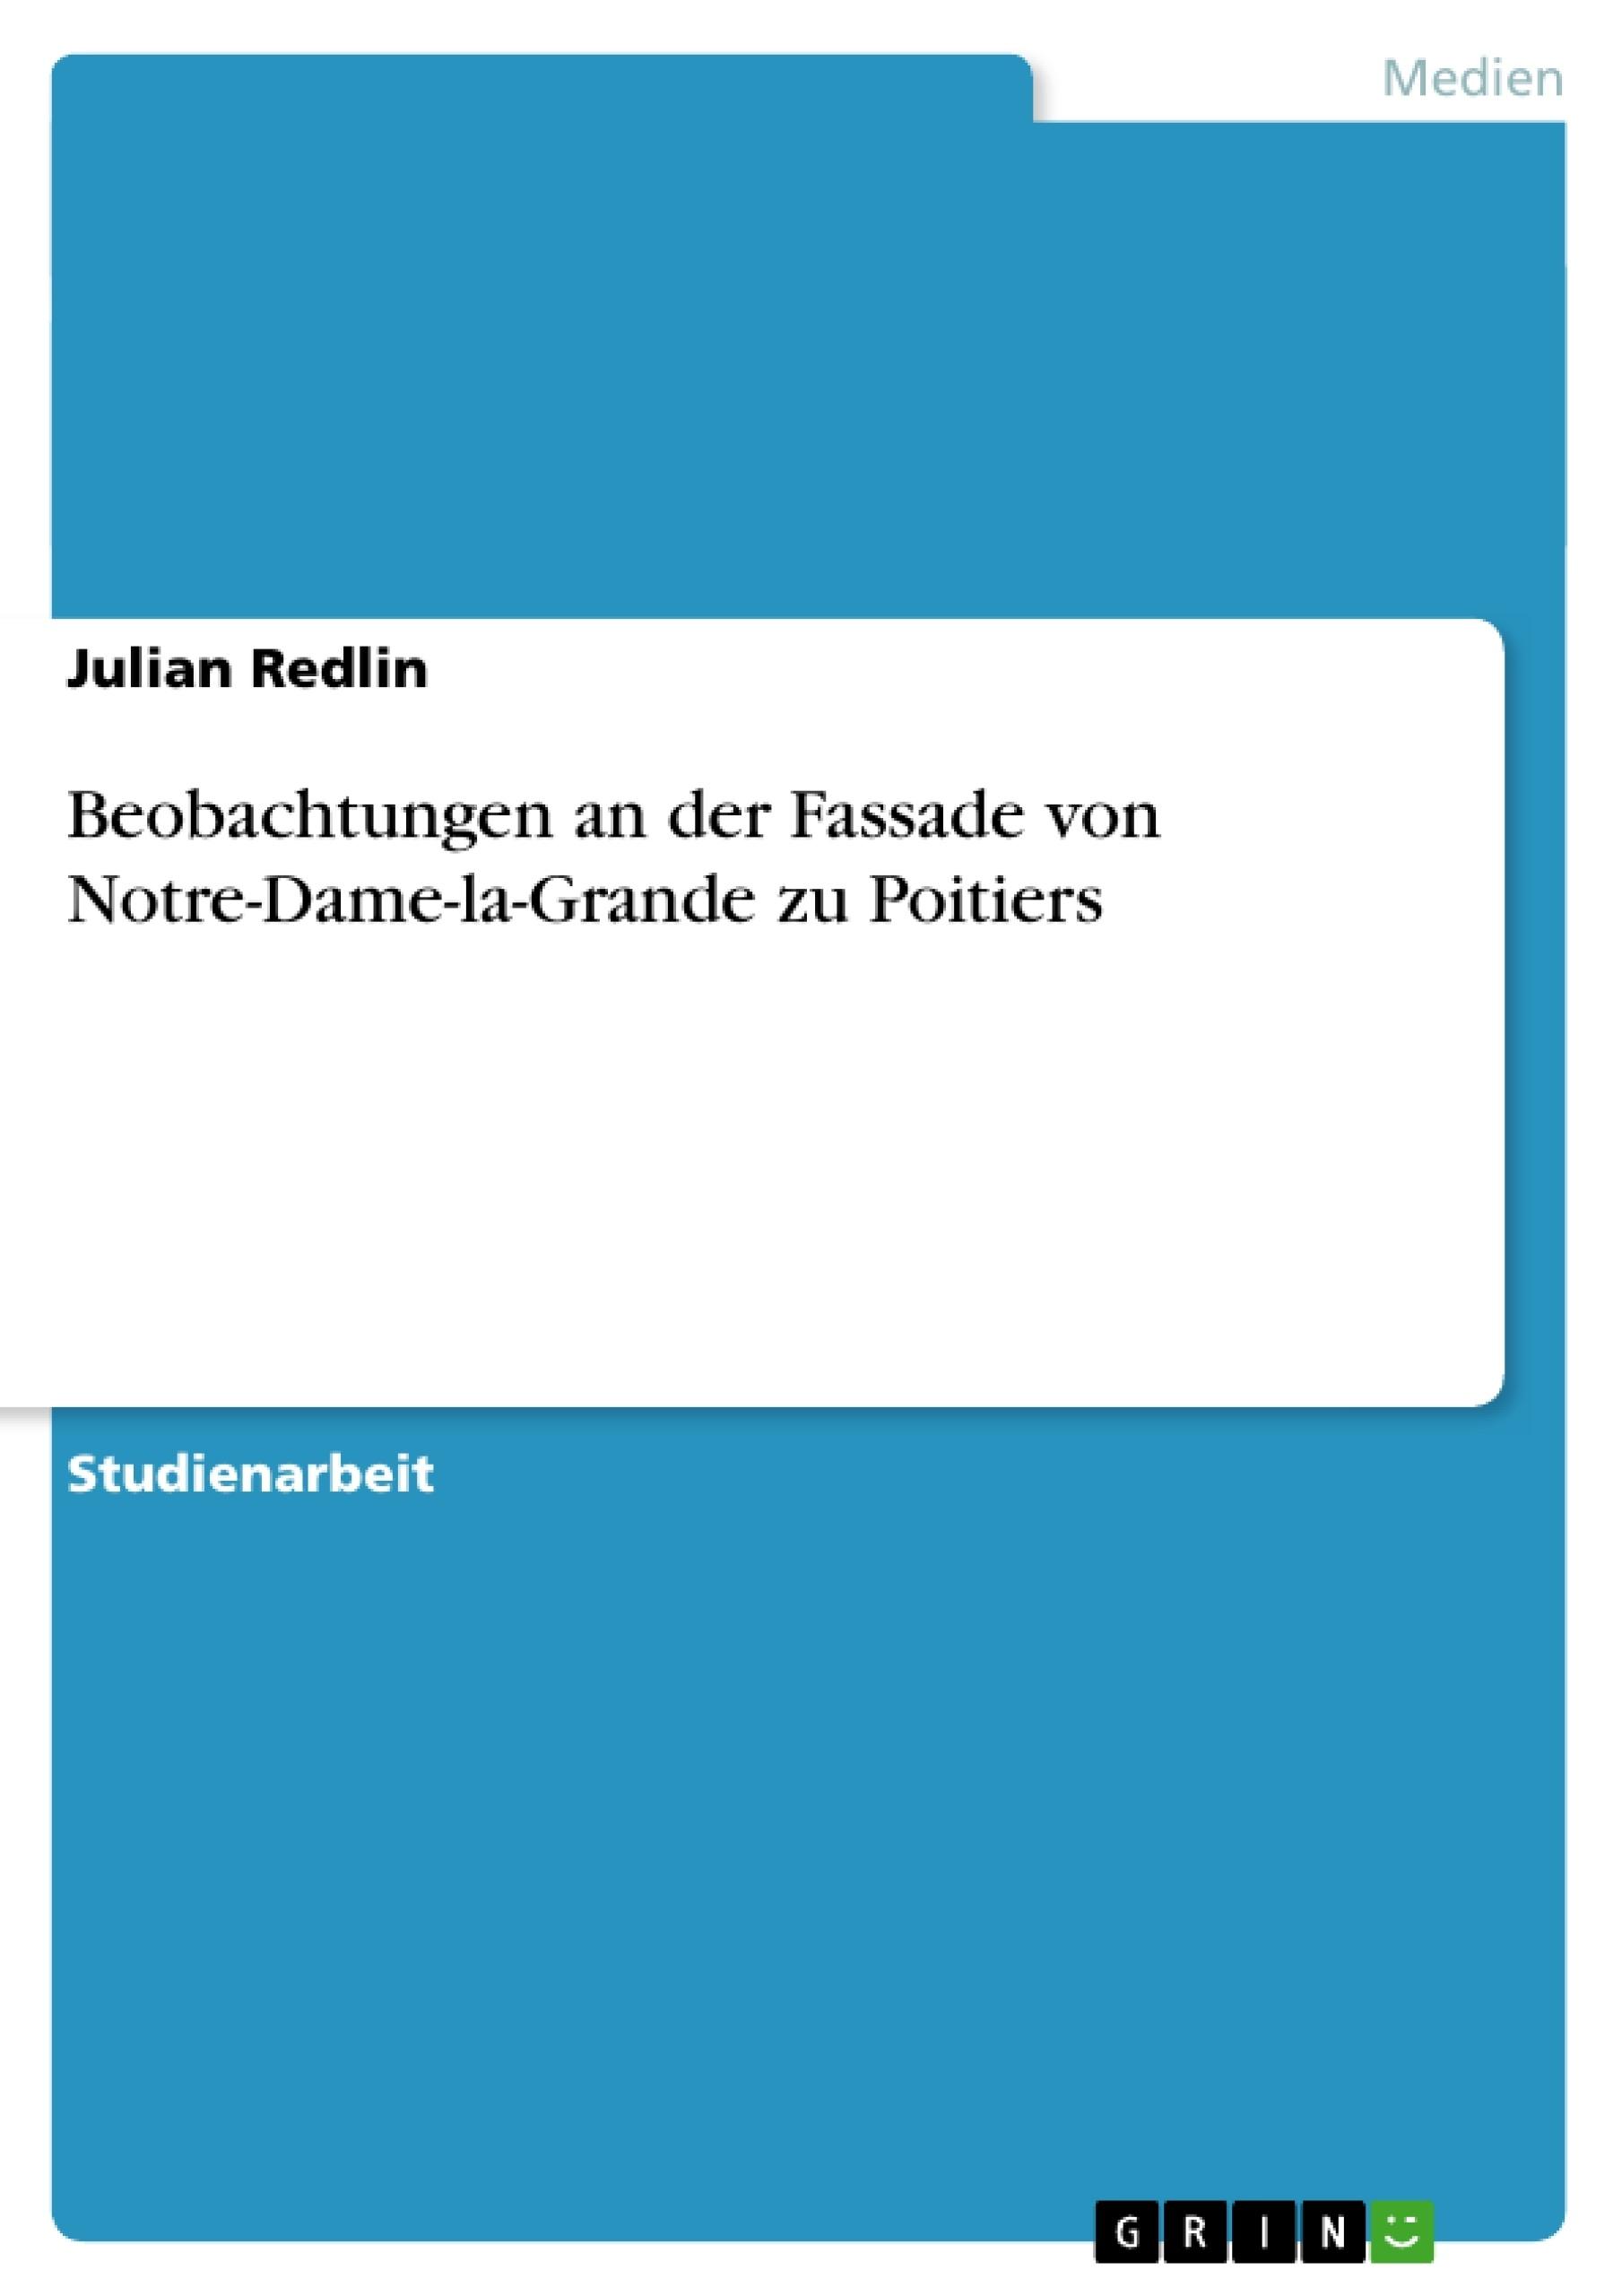 Titel: Beobachtungen an der Fassade von Notre-Dame-la-Grande zu Poitiers